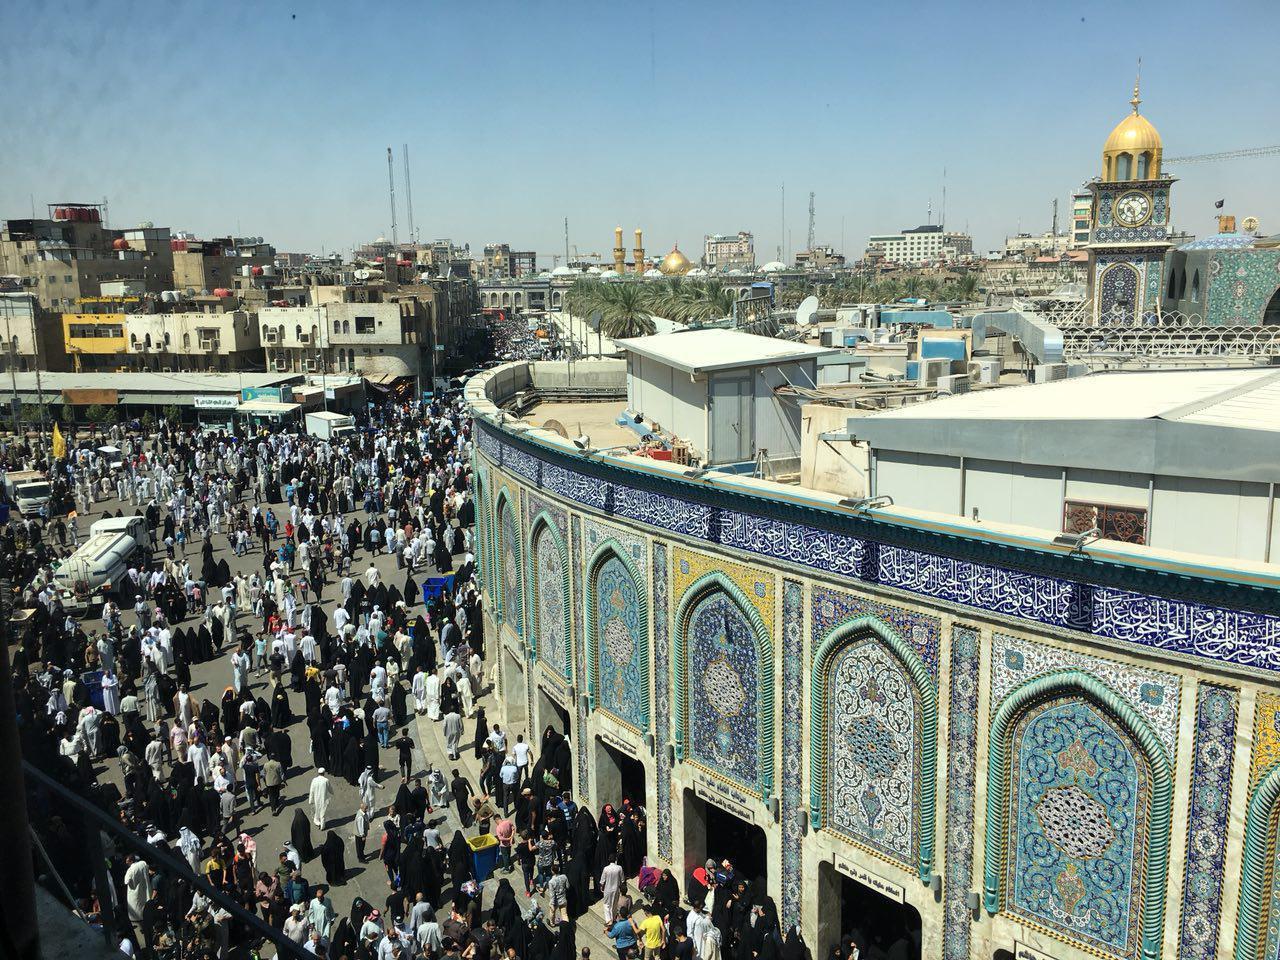 تصویر خیل عظیم زائران حسینی در شهر مقدس کربلا